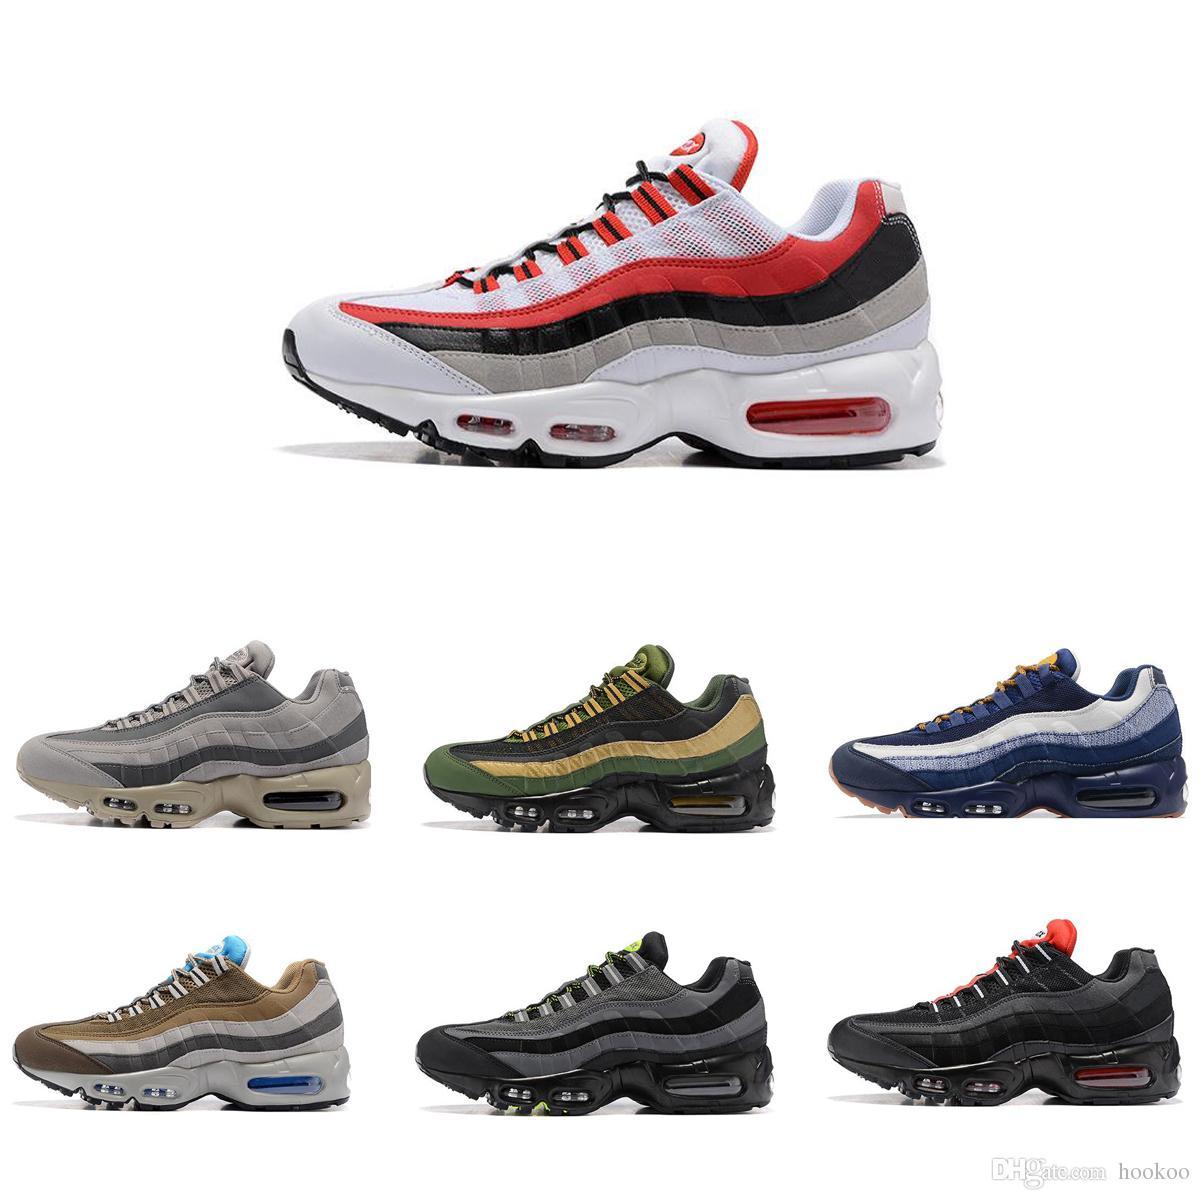 the best attitude 09011 be88e Acheter Nike Air Max95 NIKE Airmax 95 2018 NOUVEAU Drop Shipping En Gros  Casual Chaussures Hommes Coussin 95 Sneakers Bottes Authentique 2017 Nouveau  Marche ...